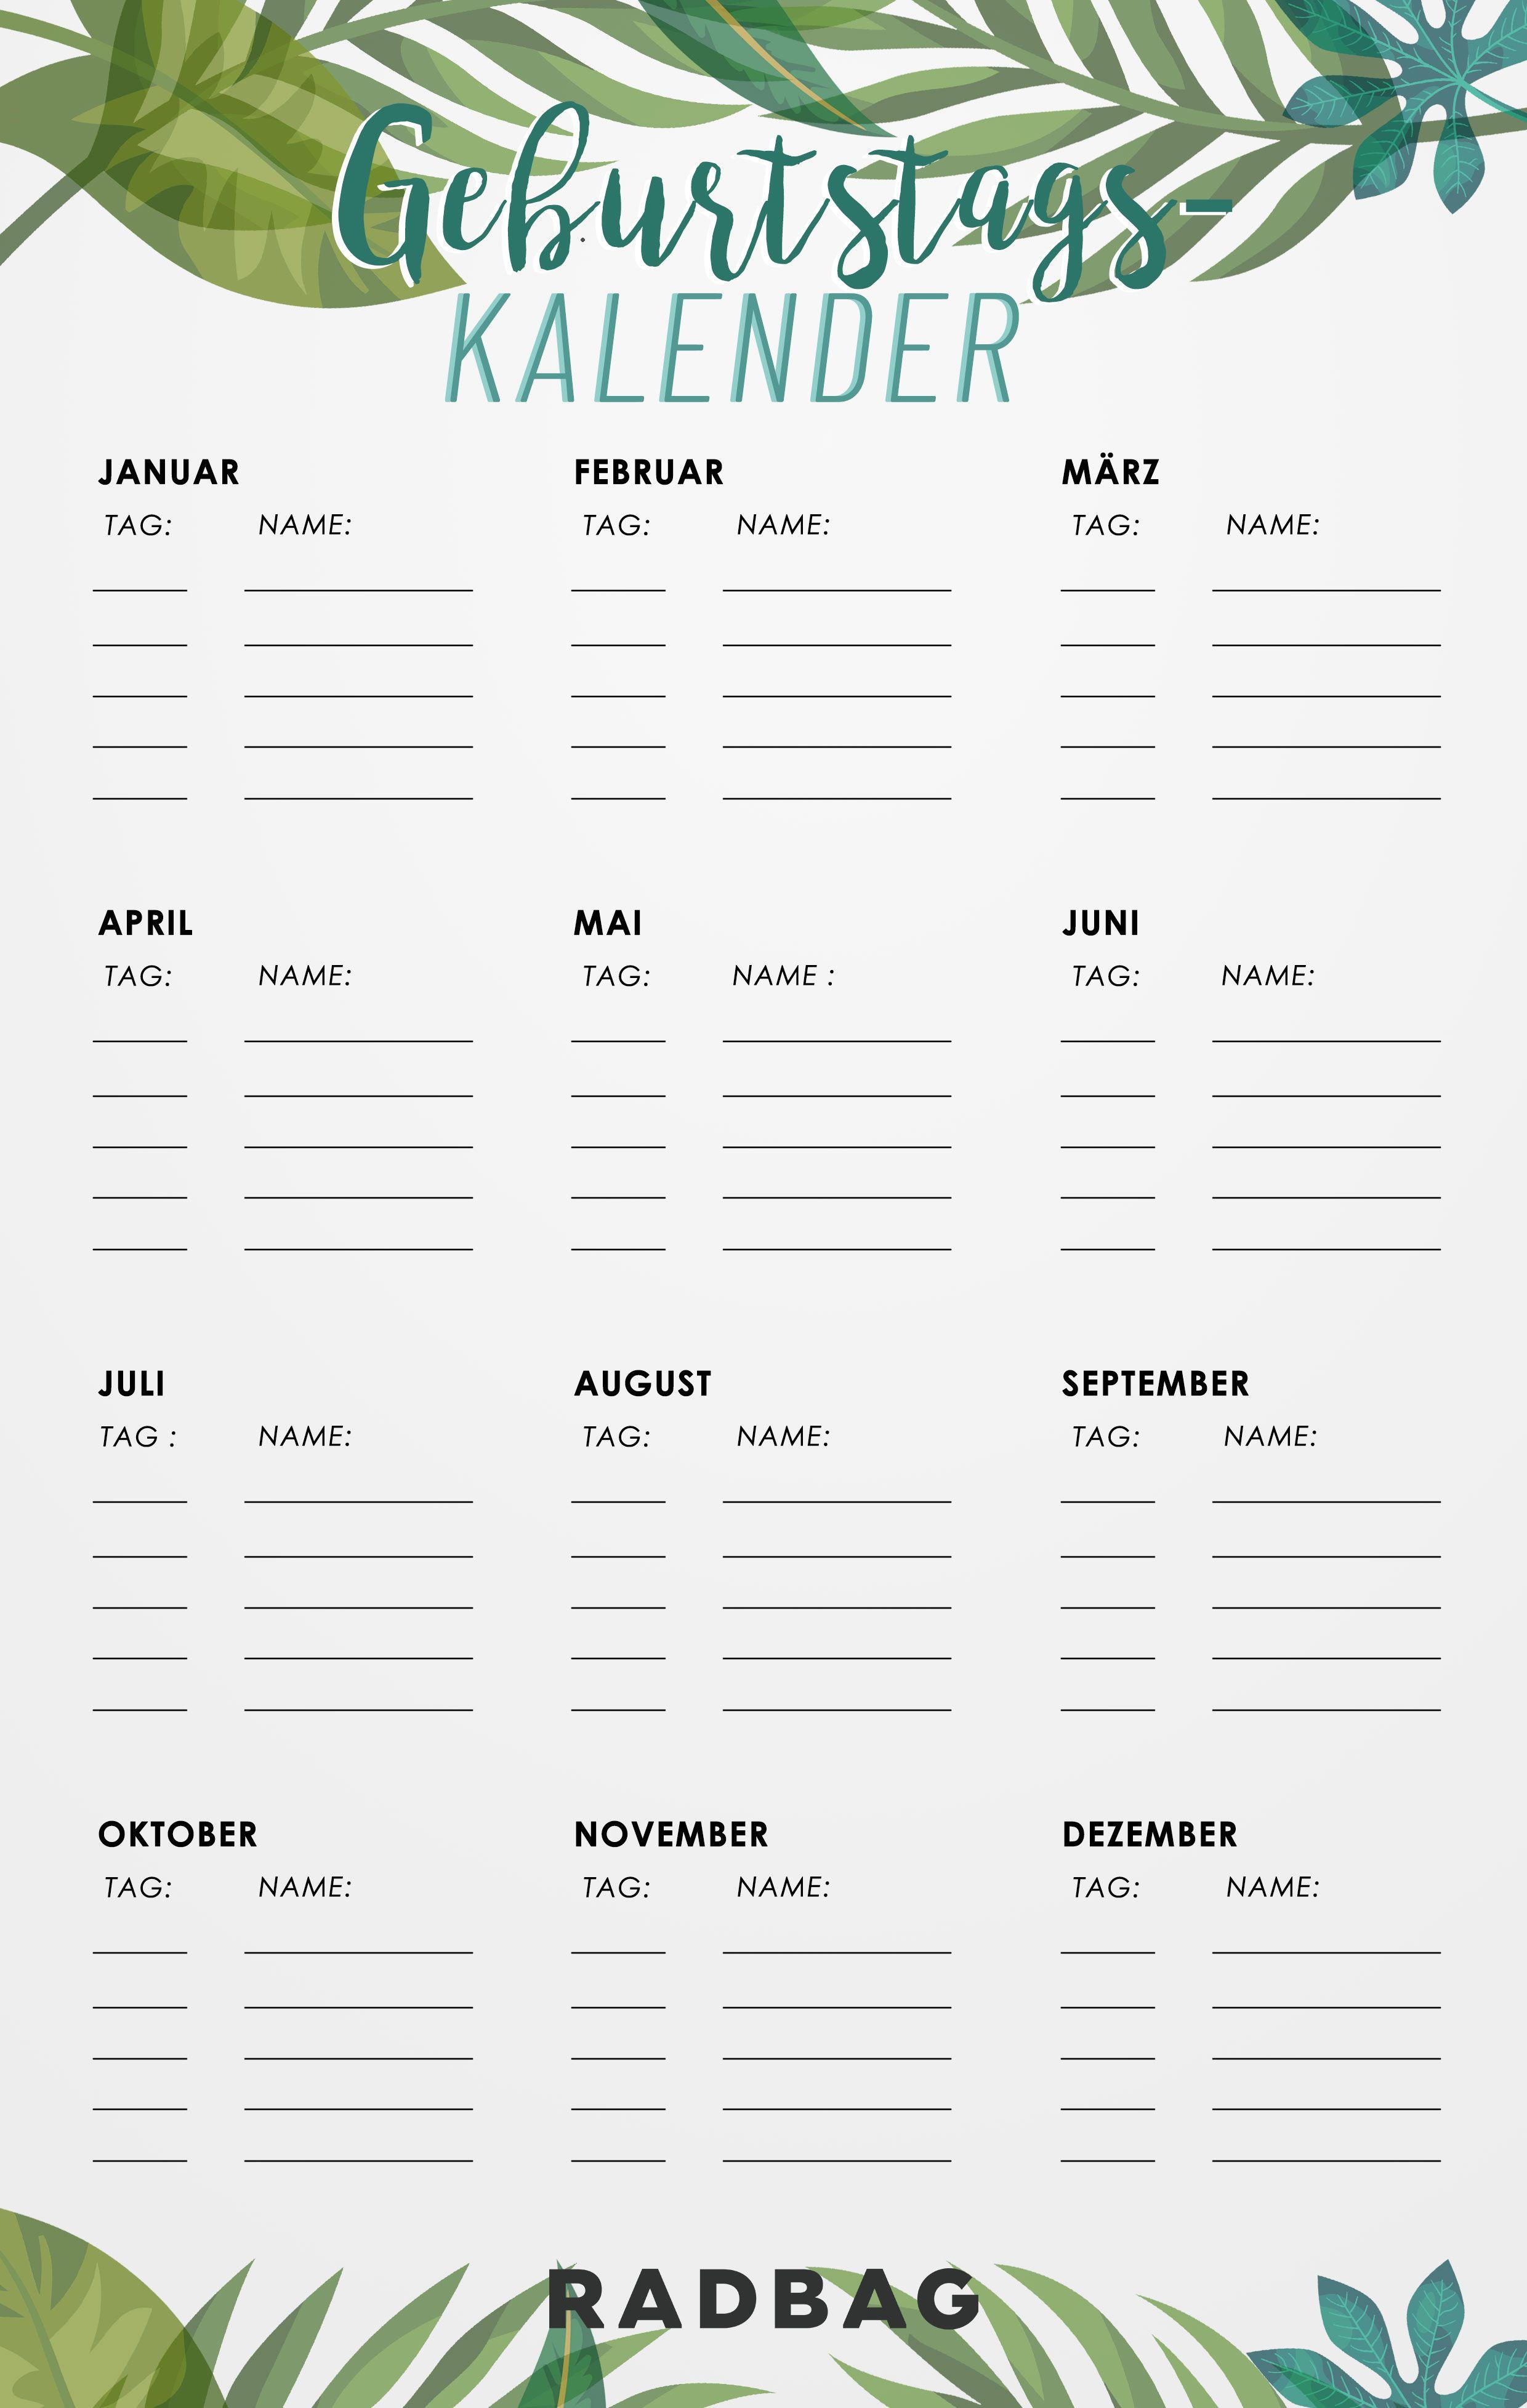 Geburtstagskalender Geburtstagskalender Ausdrucken Geburtstagskalender Kalender Zum Ausdrucken